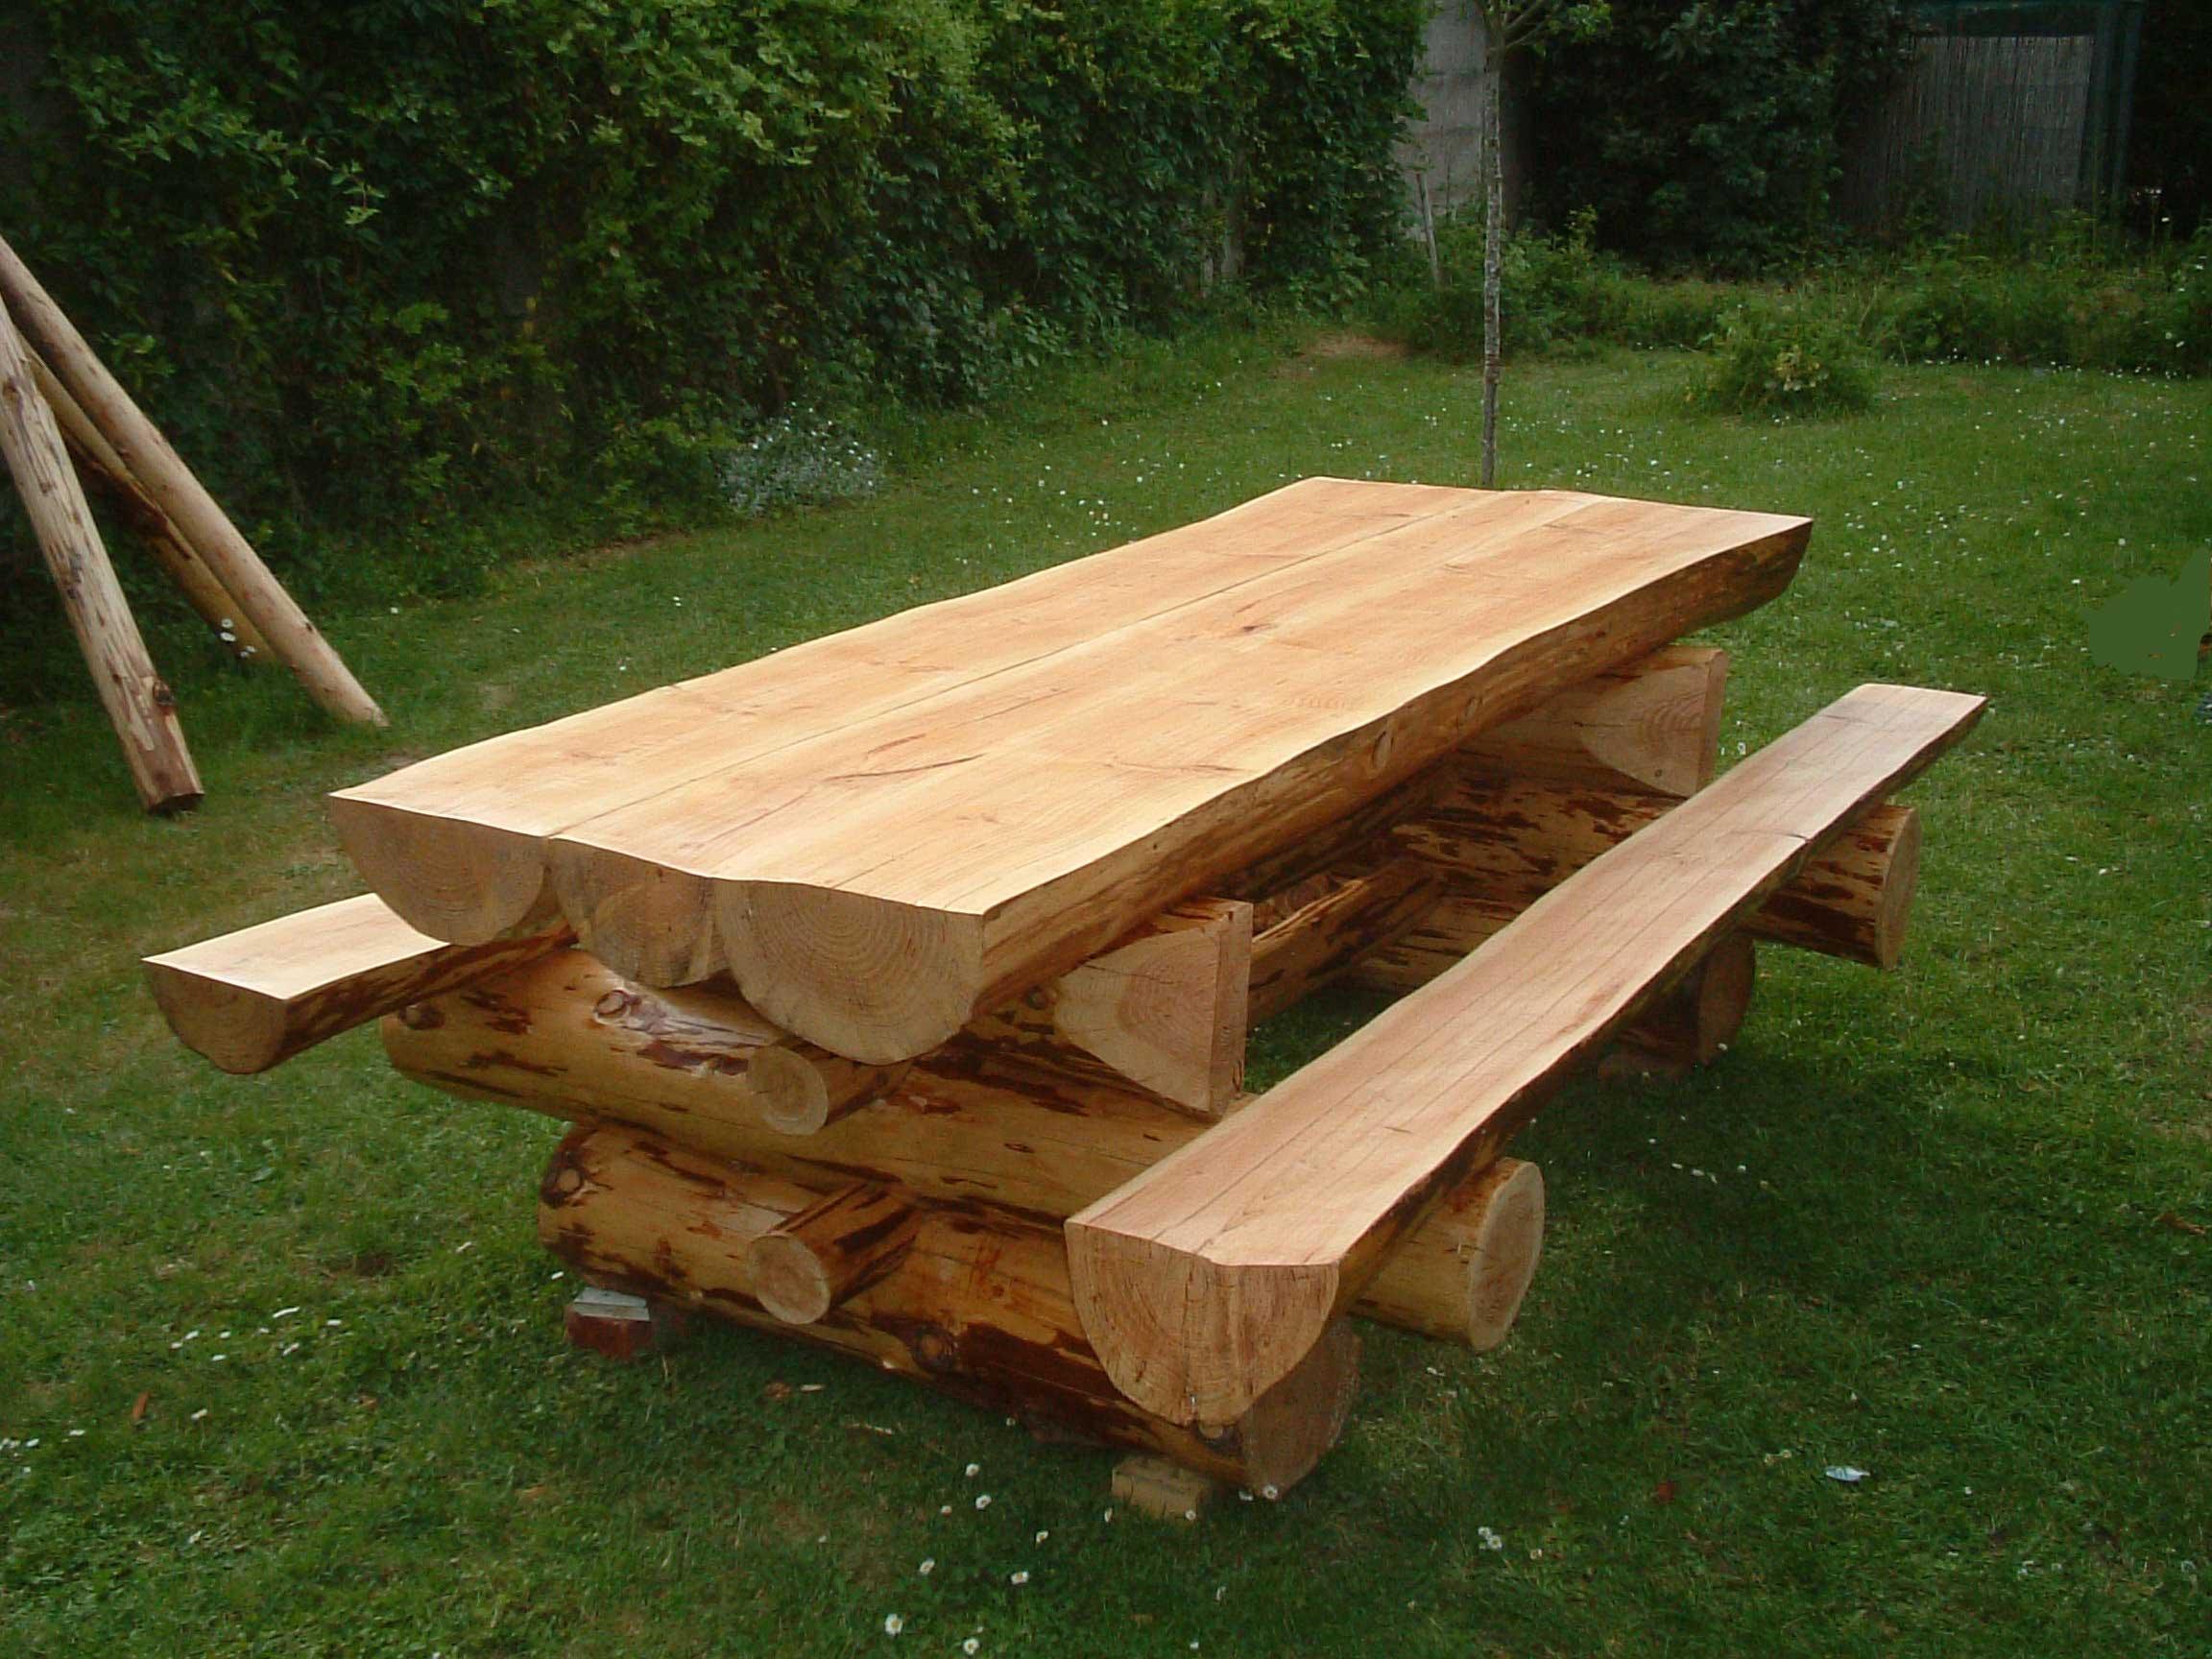 Table de nuit rondin de bois conceptions architecturales - Table en rondin de bois ...